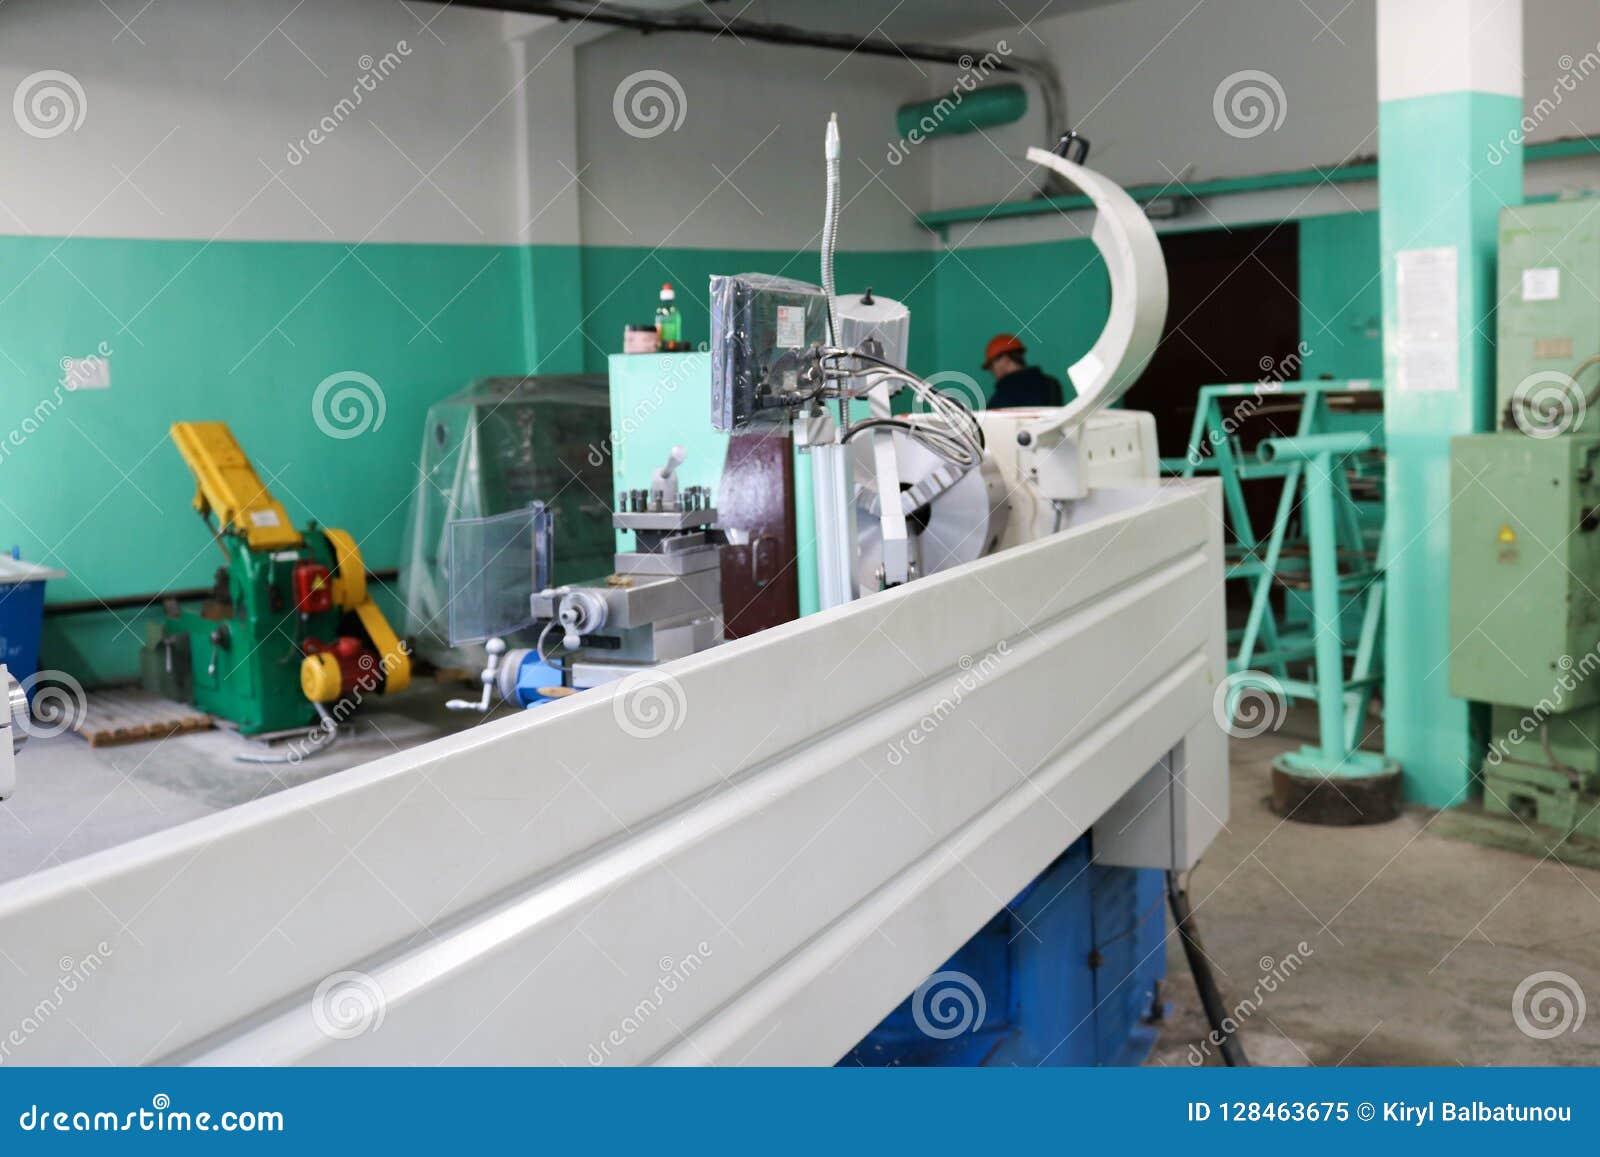 Große Metalleisen-Bankdrehbank, Ausrüstung für Reparatur, Arbeit mit Metall in der Werkstatt in der metallurgischen Anlage in der